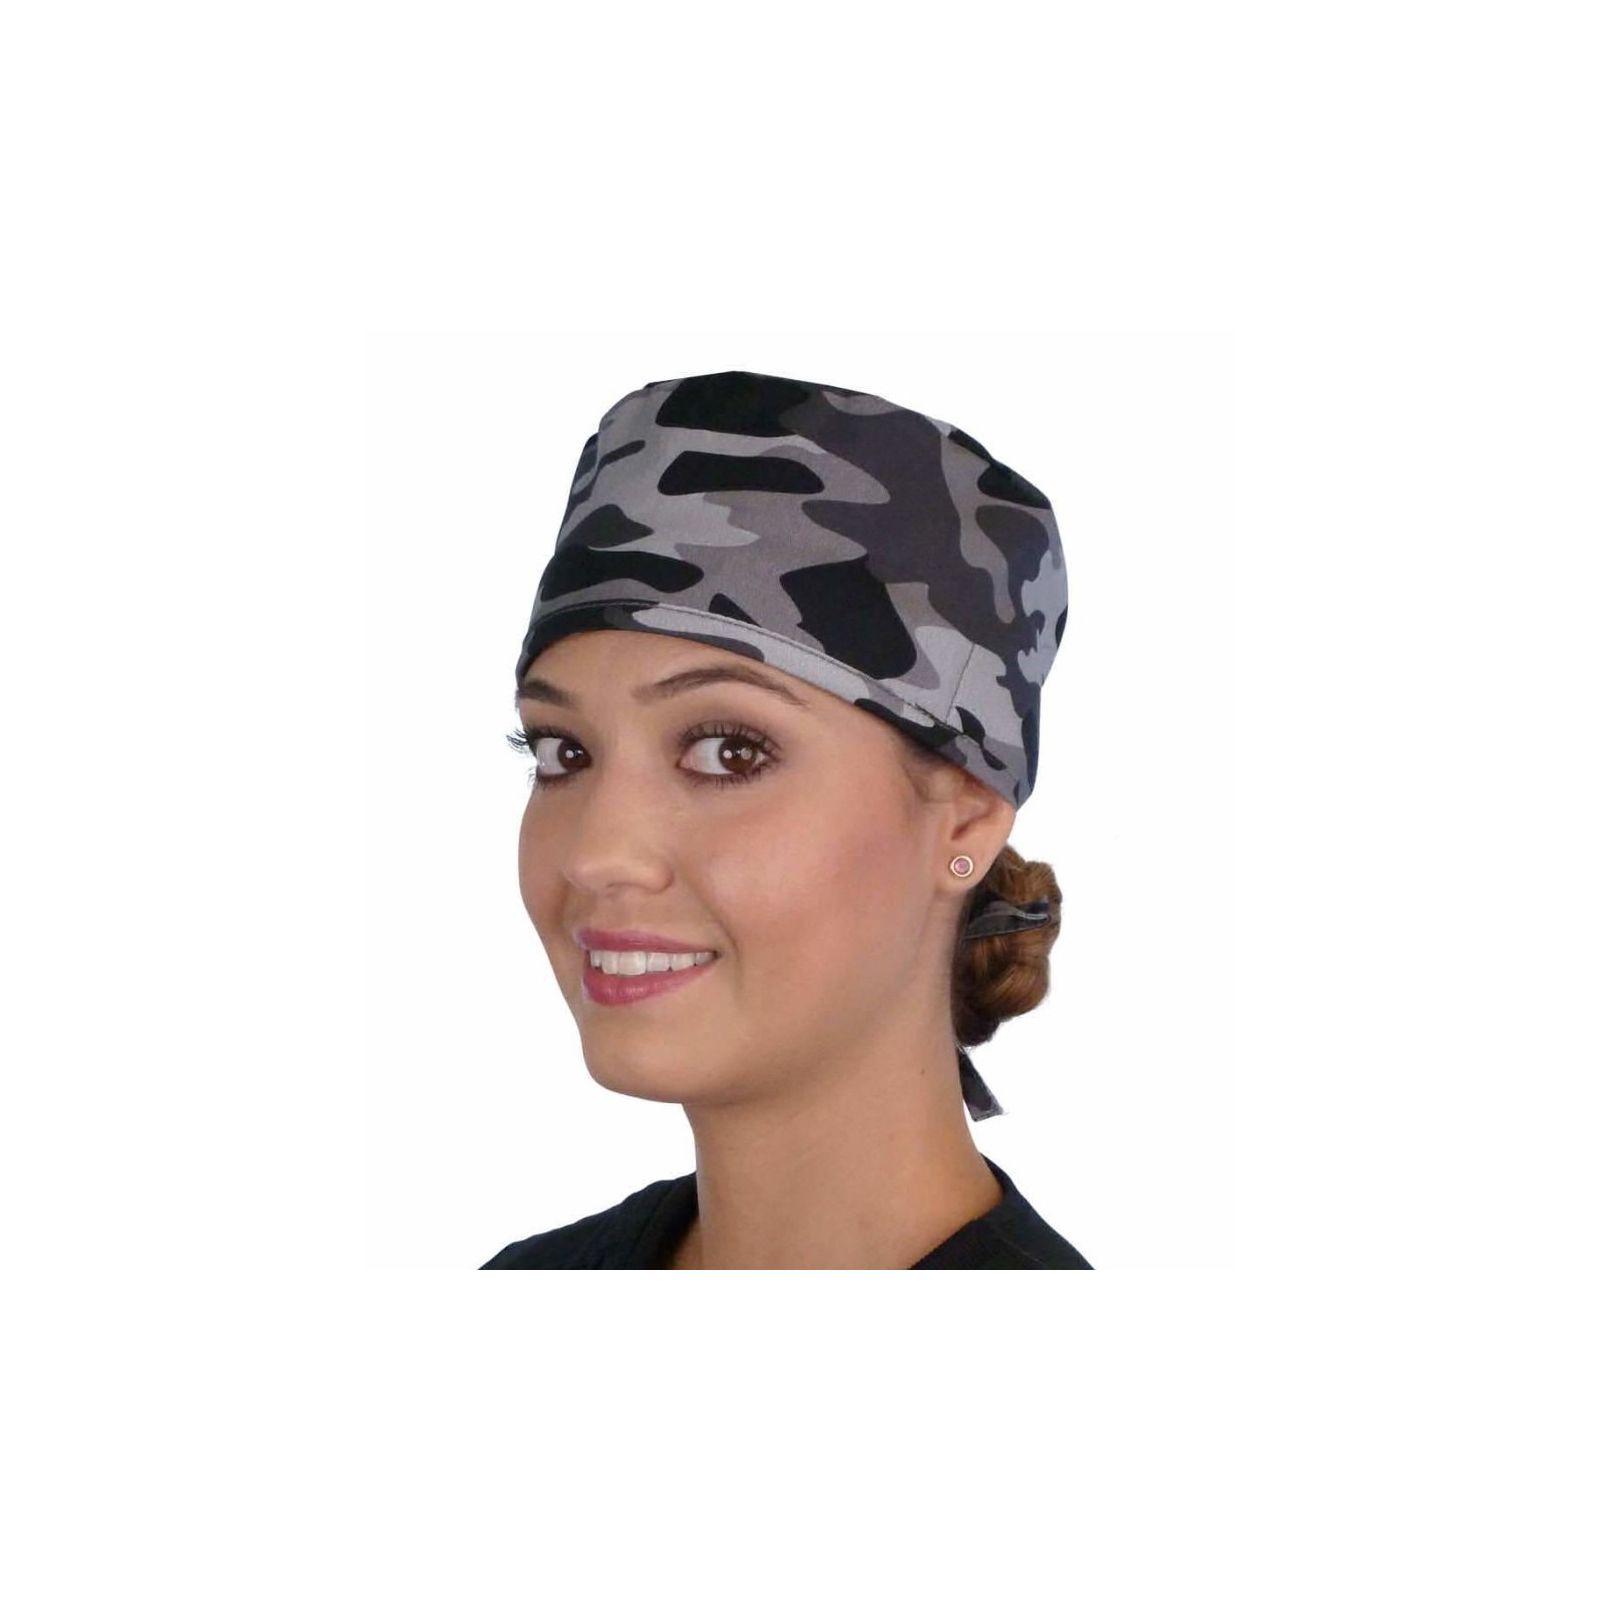 """Calot médical """"Camouflage militaire noir et gris"""" (210-8834) vue face"""